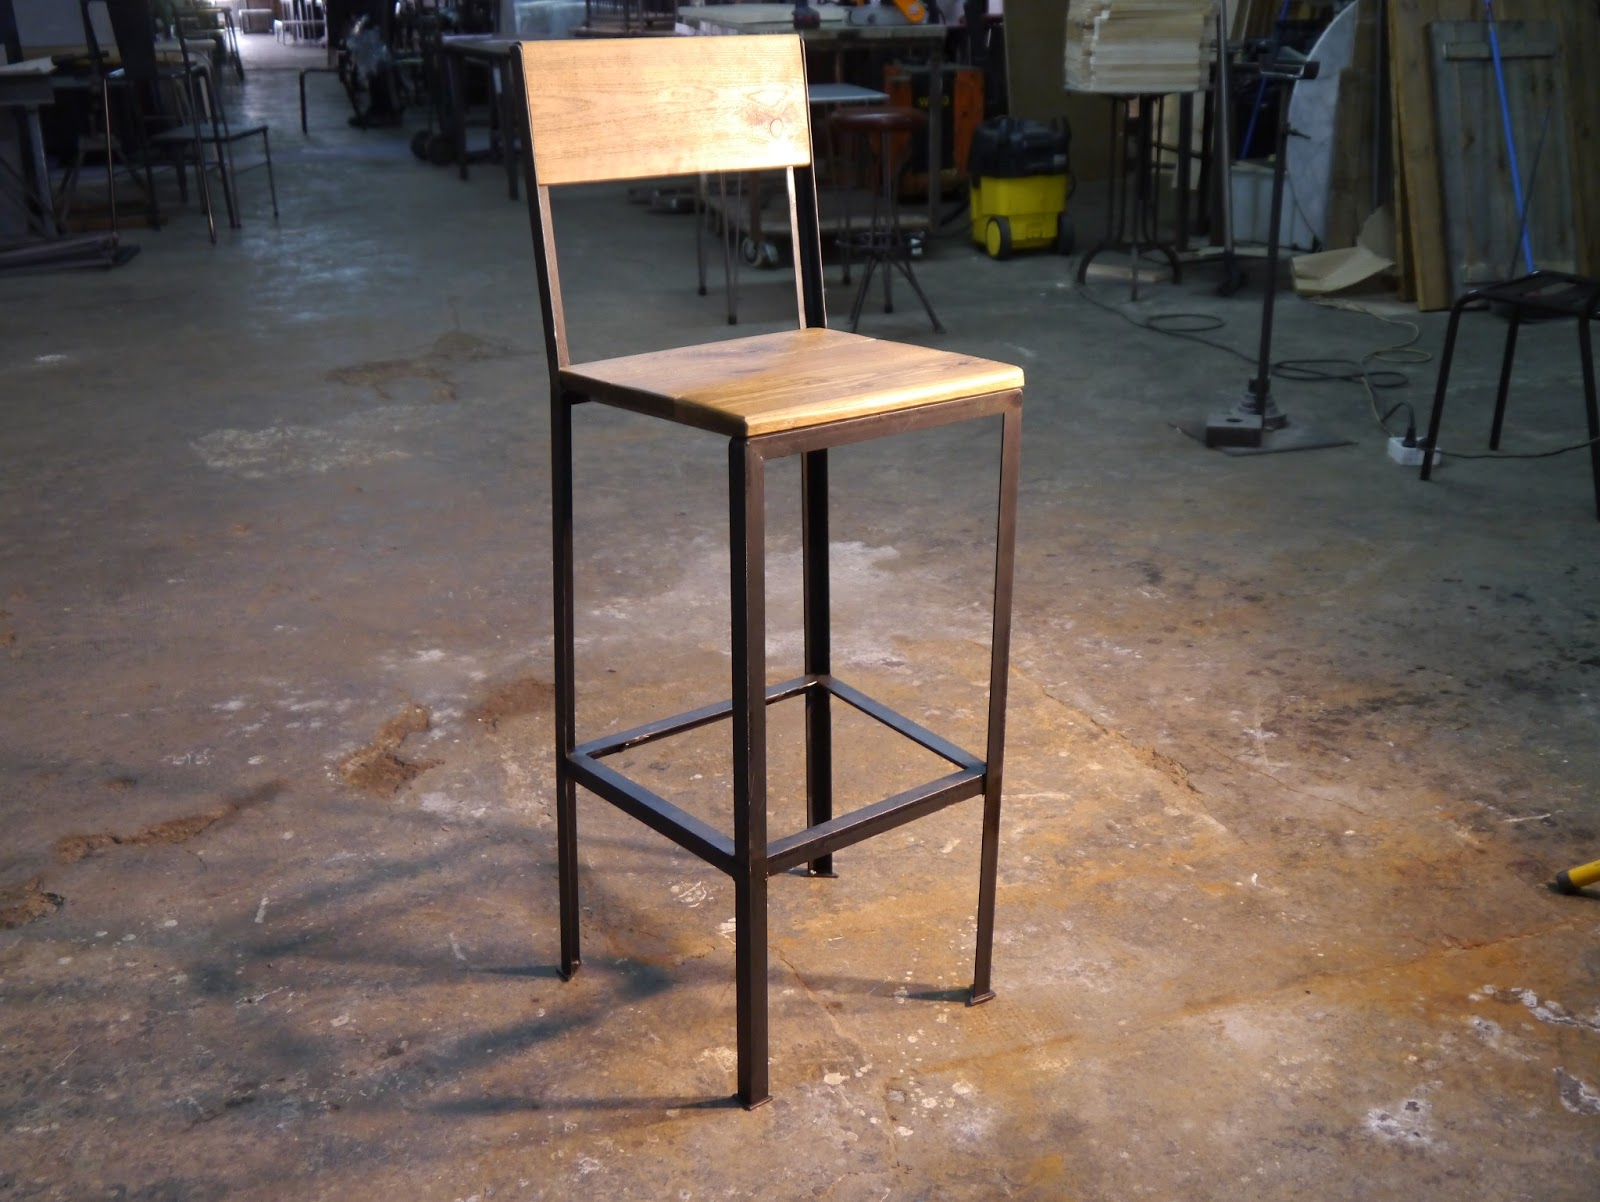 estilo industrial de madera y hierro mueble industrial madera vieja